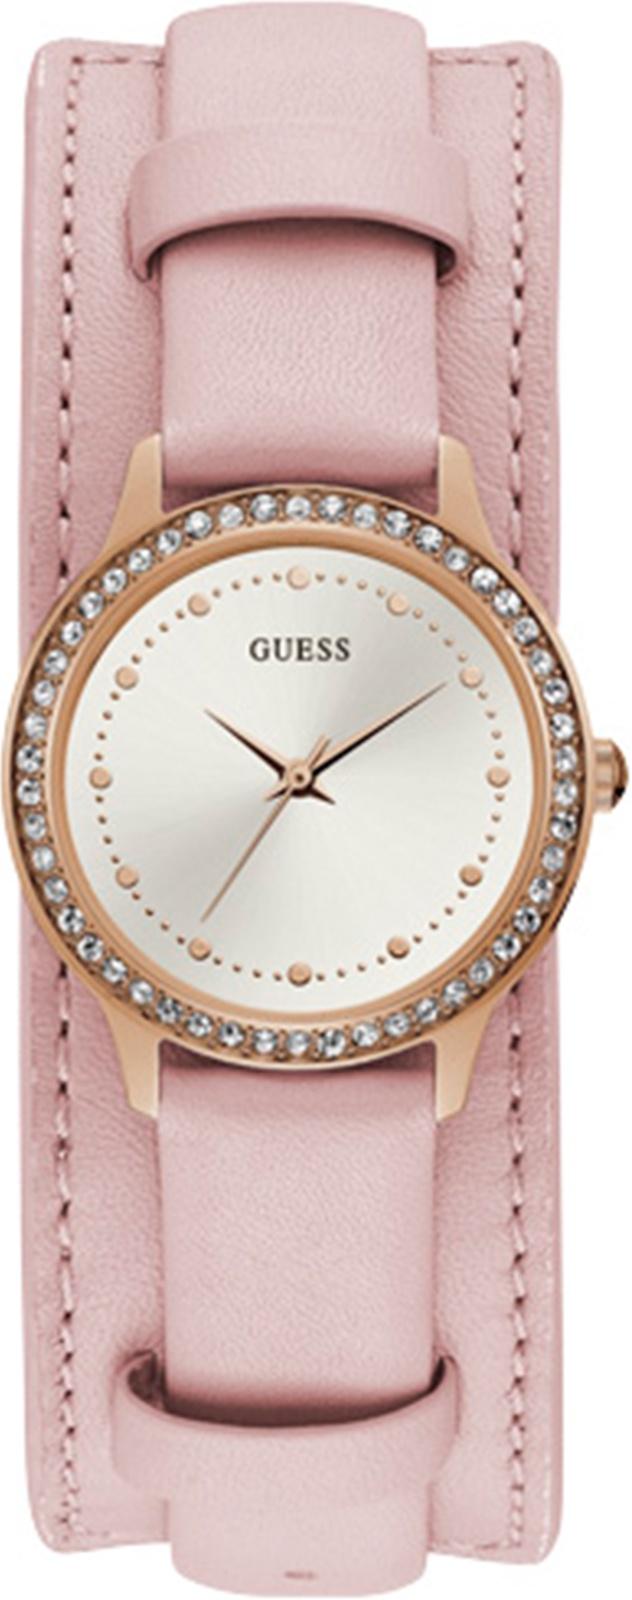 Часы Guess CHELSEA, розовый, золотой, белый guess ремень